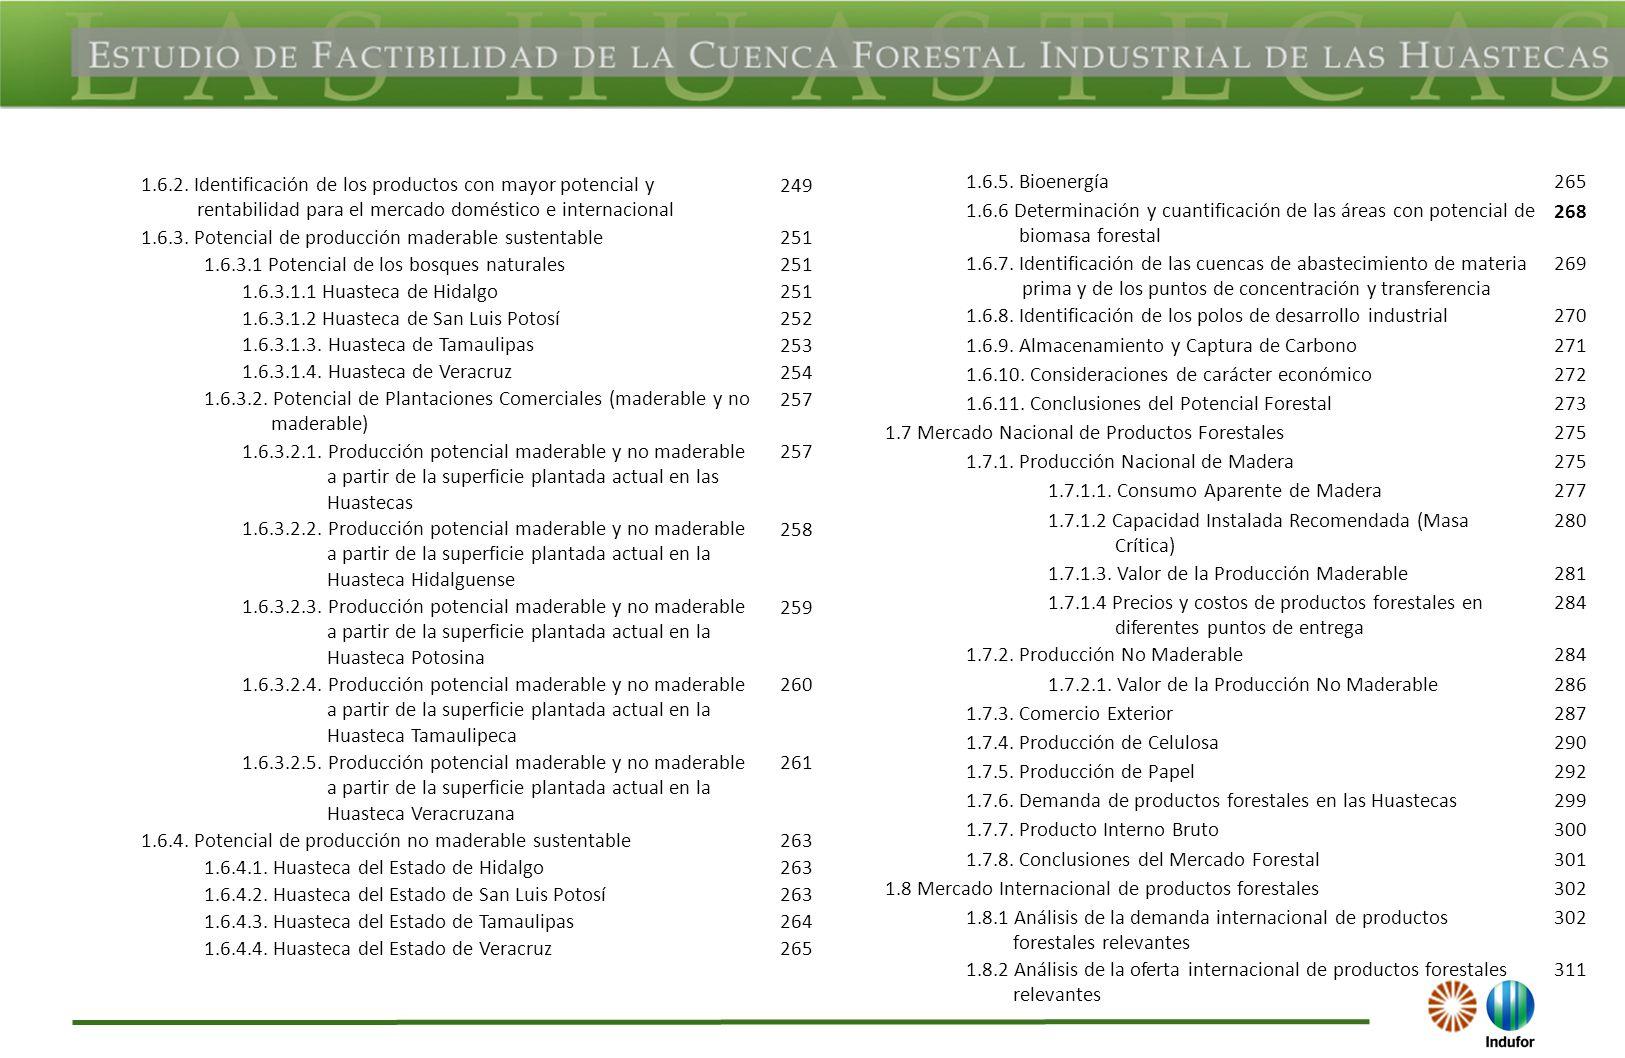 1.6.2. Identificación de los productos con mayor potencial y rentabilidad para el mercado doméstico e internacional 249 1.6.3. Potencial de producción